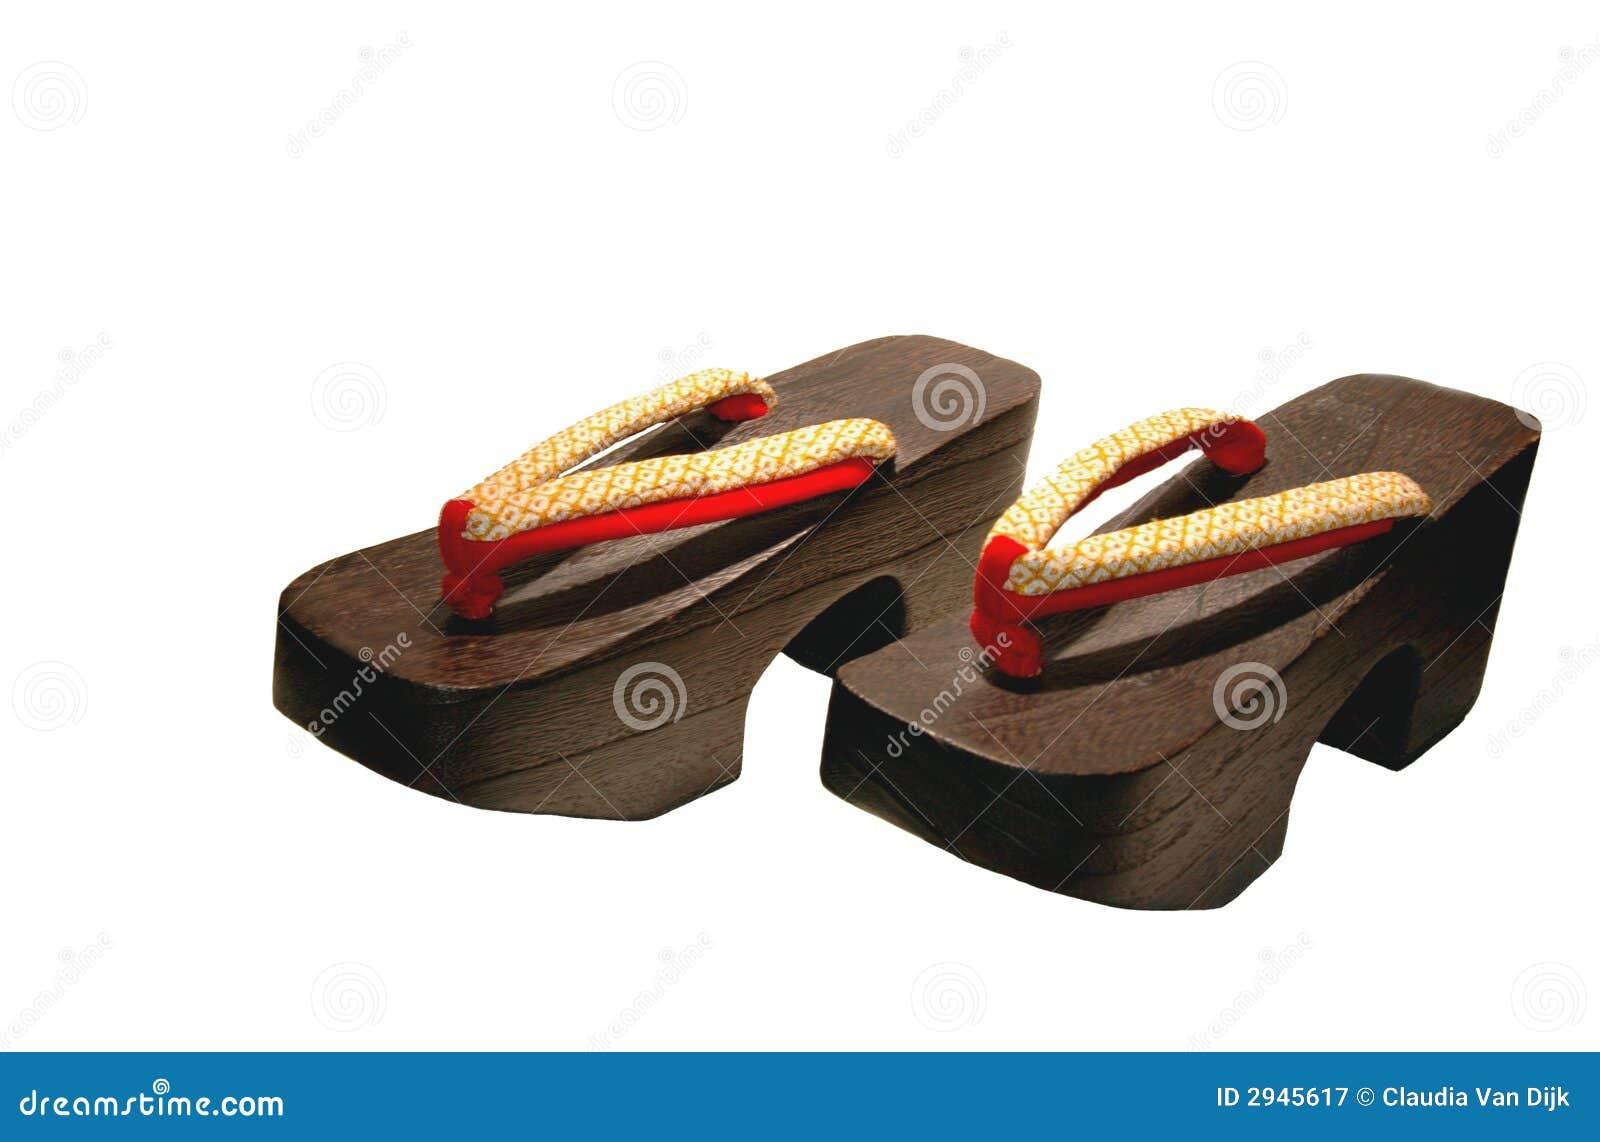 Chaussures En Bois Image Stock. Du Wooden, Japan 2945617